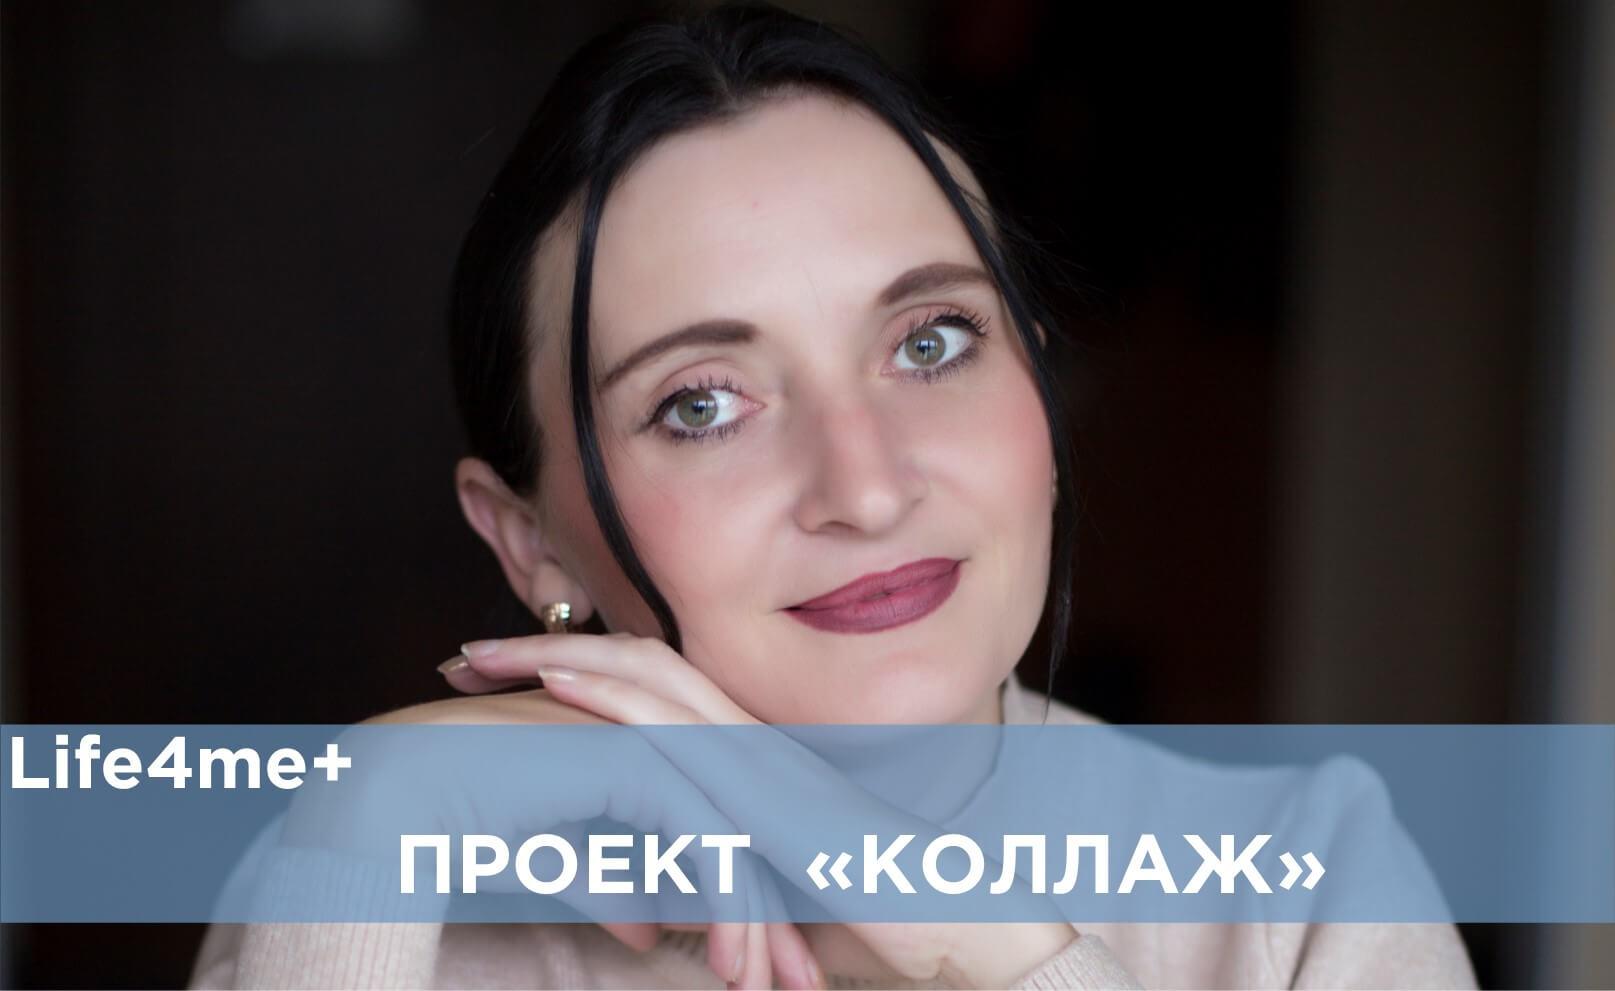 Коллаж: «ЛЖВ сообщество Иркутска не слышат», - Мария Петрова